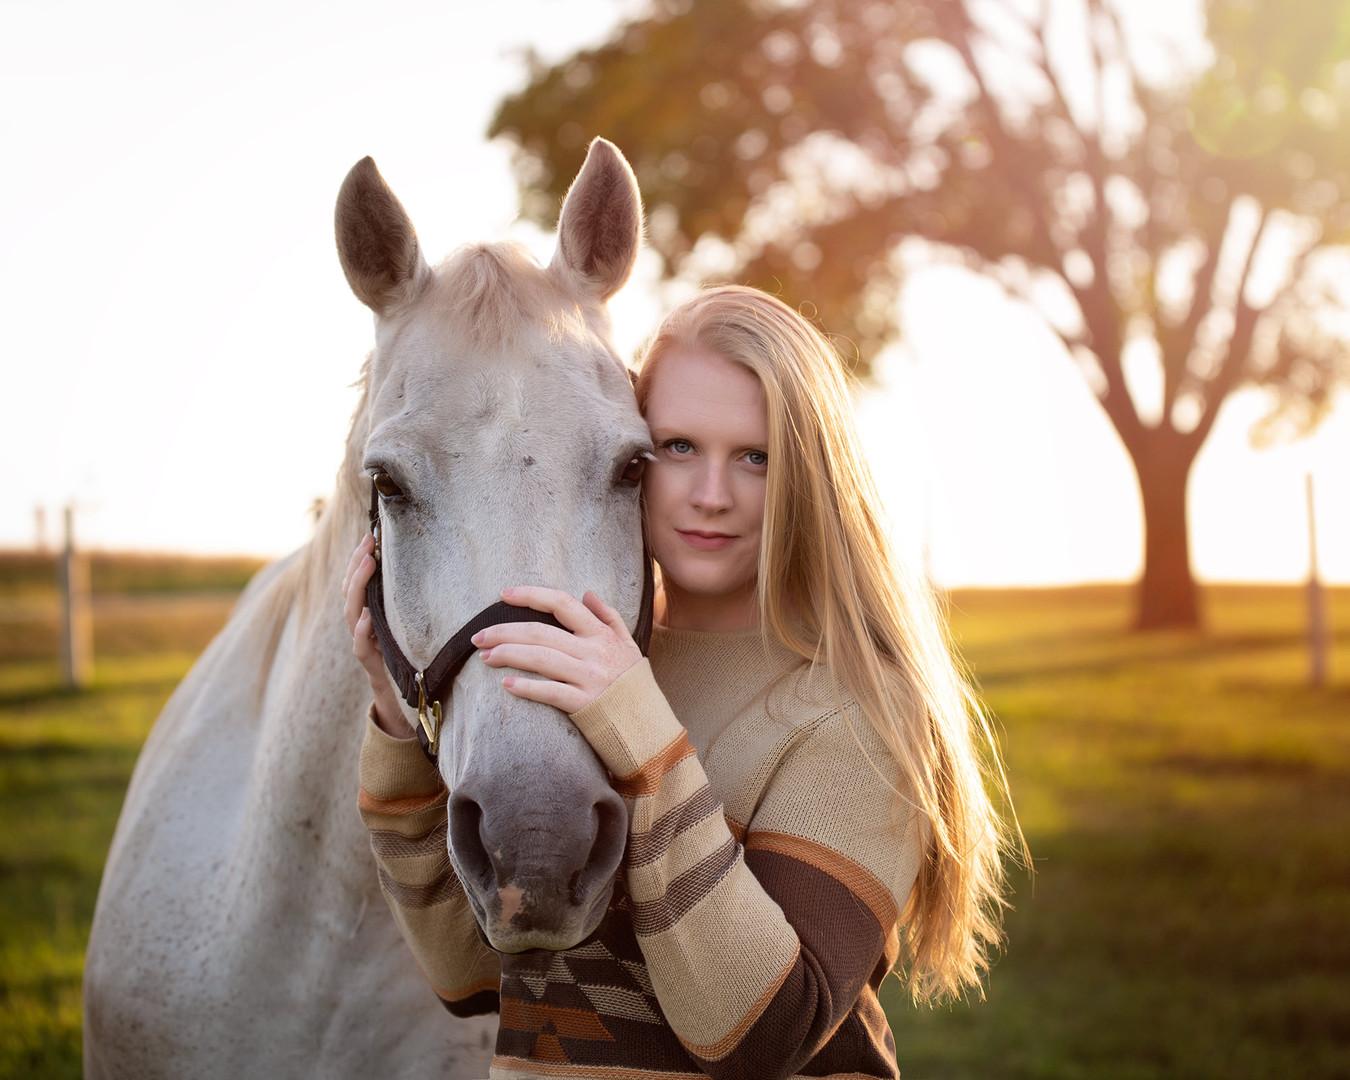 grey-gelding-woman-equine-photographer-nebraska.jpg